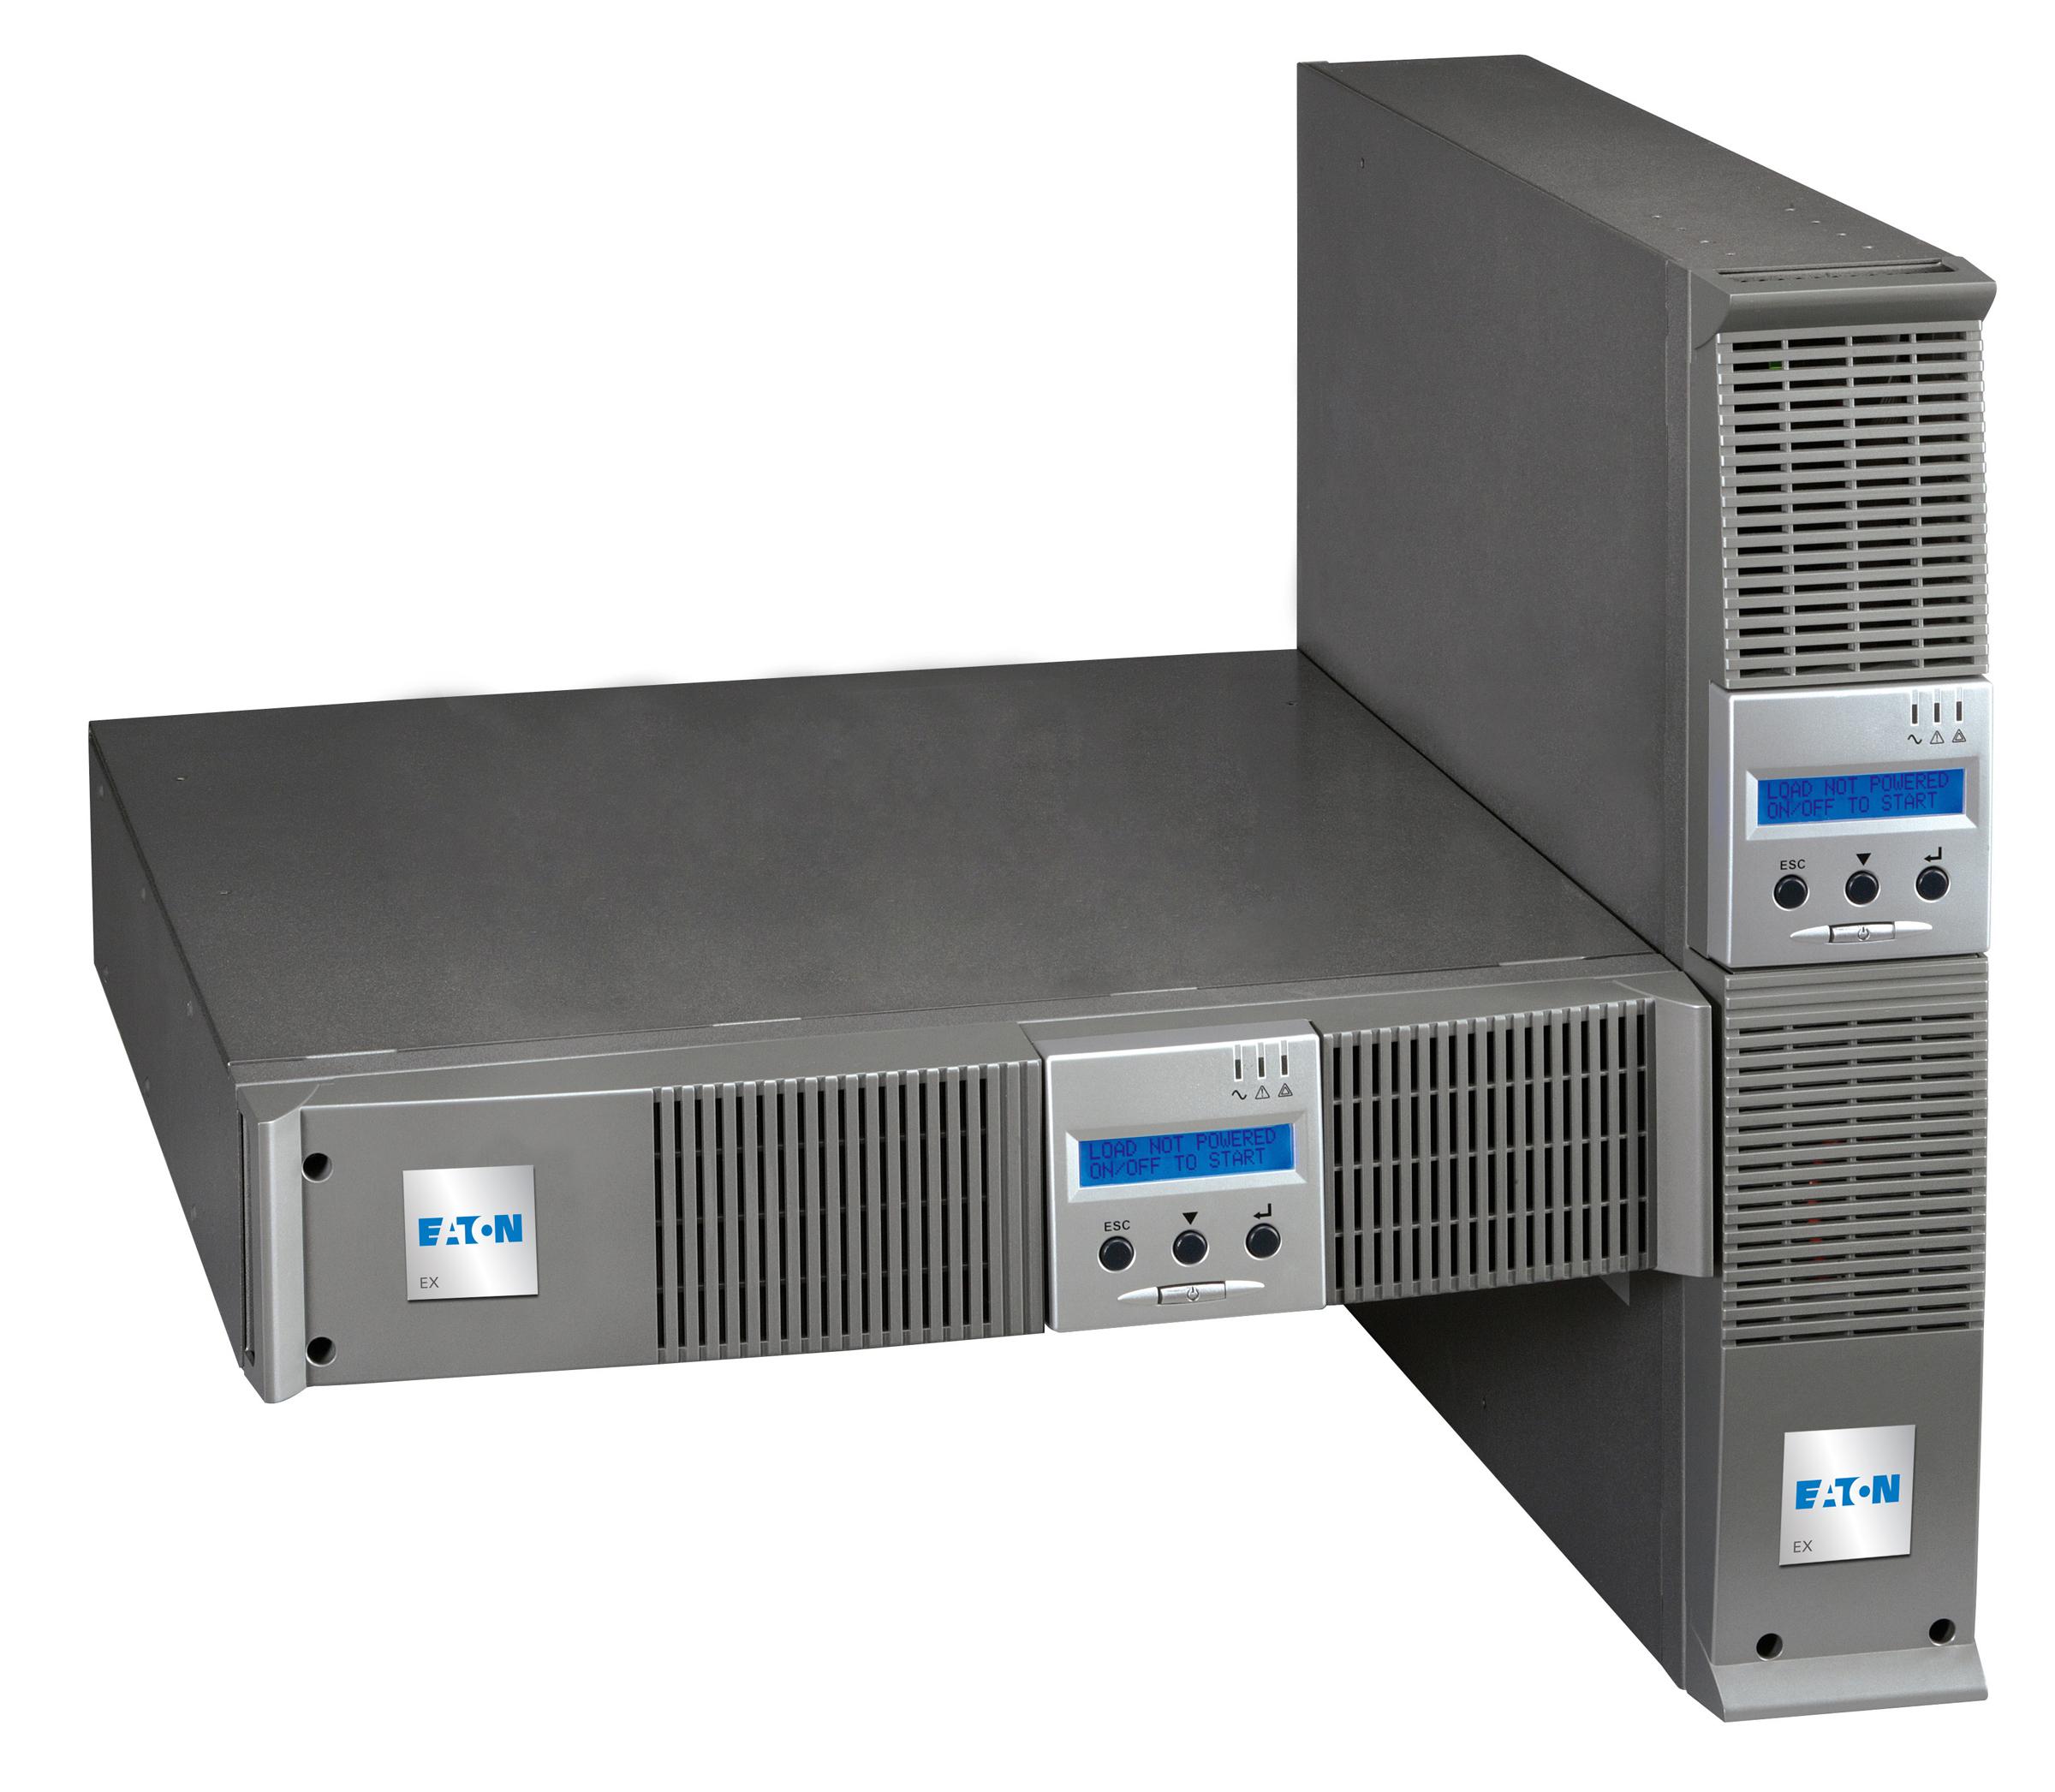 Eaton EX 1000 RT2U 1000VA 6presa(e) AC Montaggio a rack/Torre Grigio gruppo di continuità (UPS)